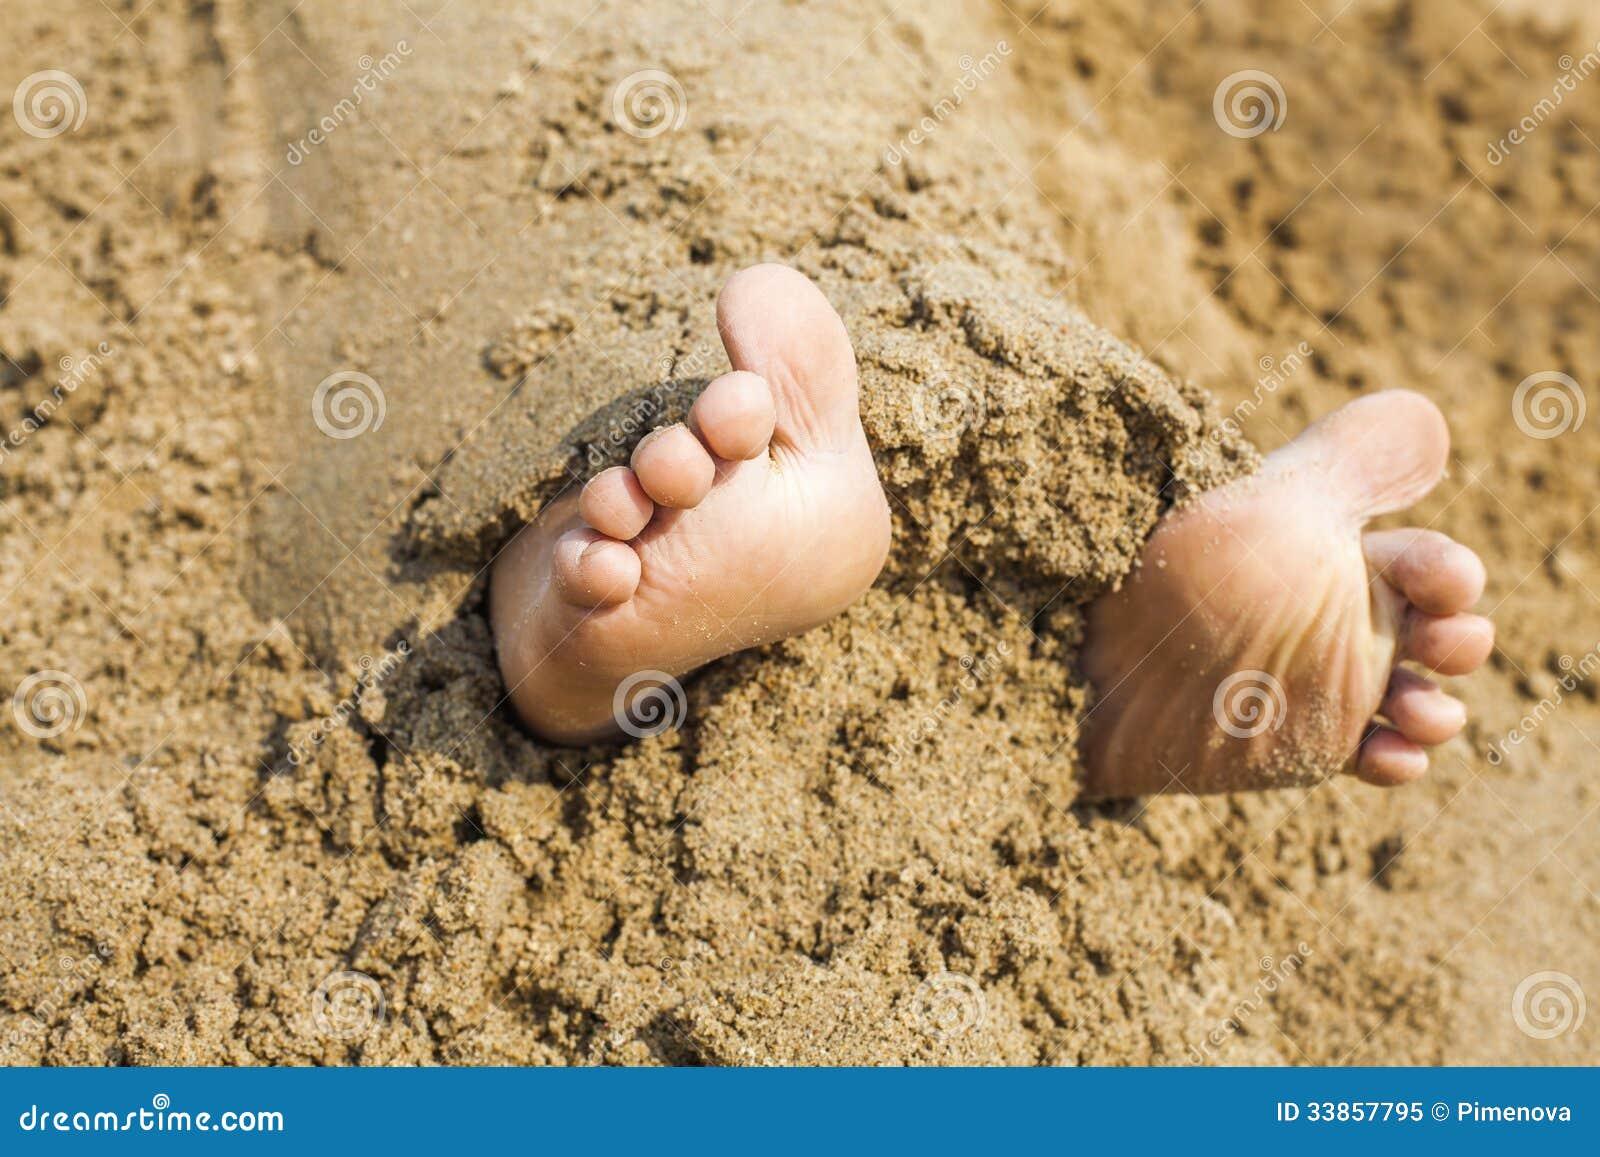 Піски крупним планом 20 фотография